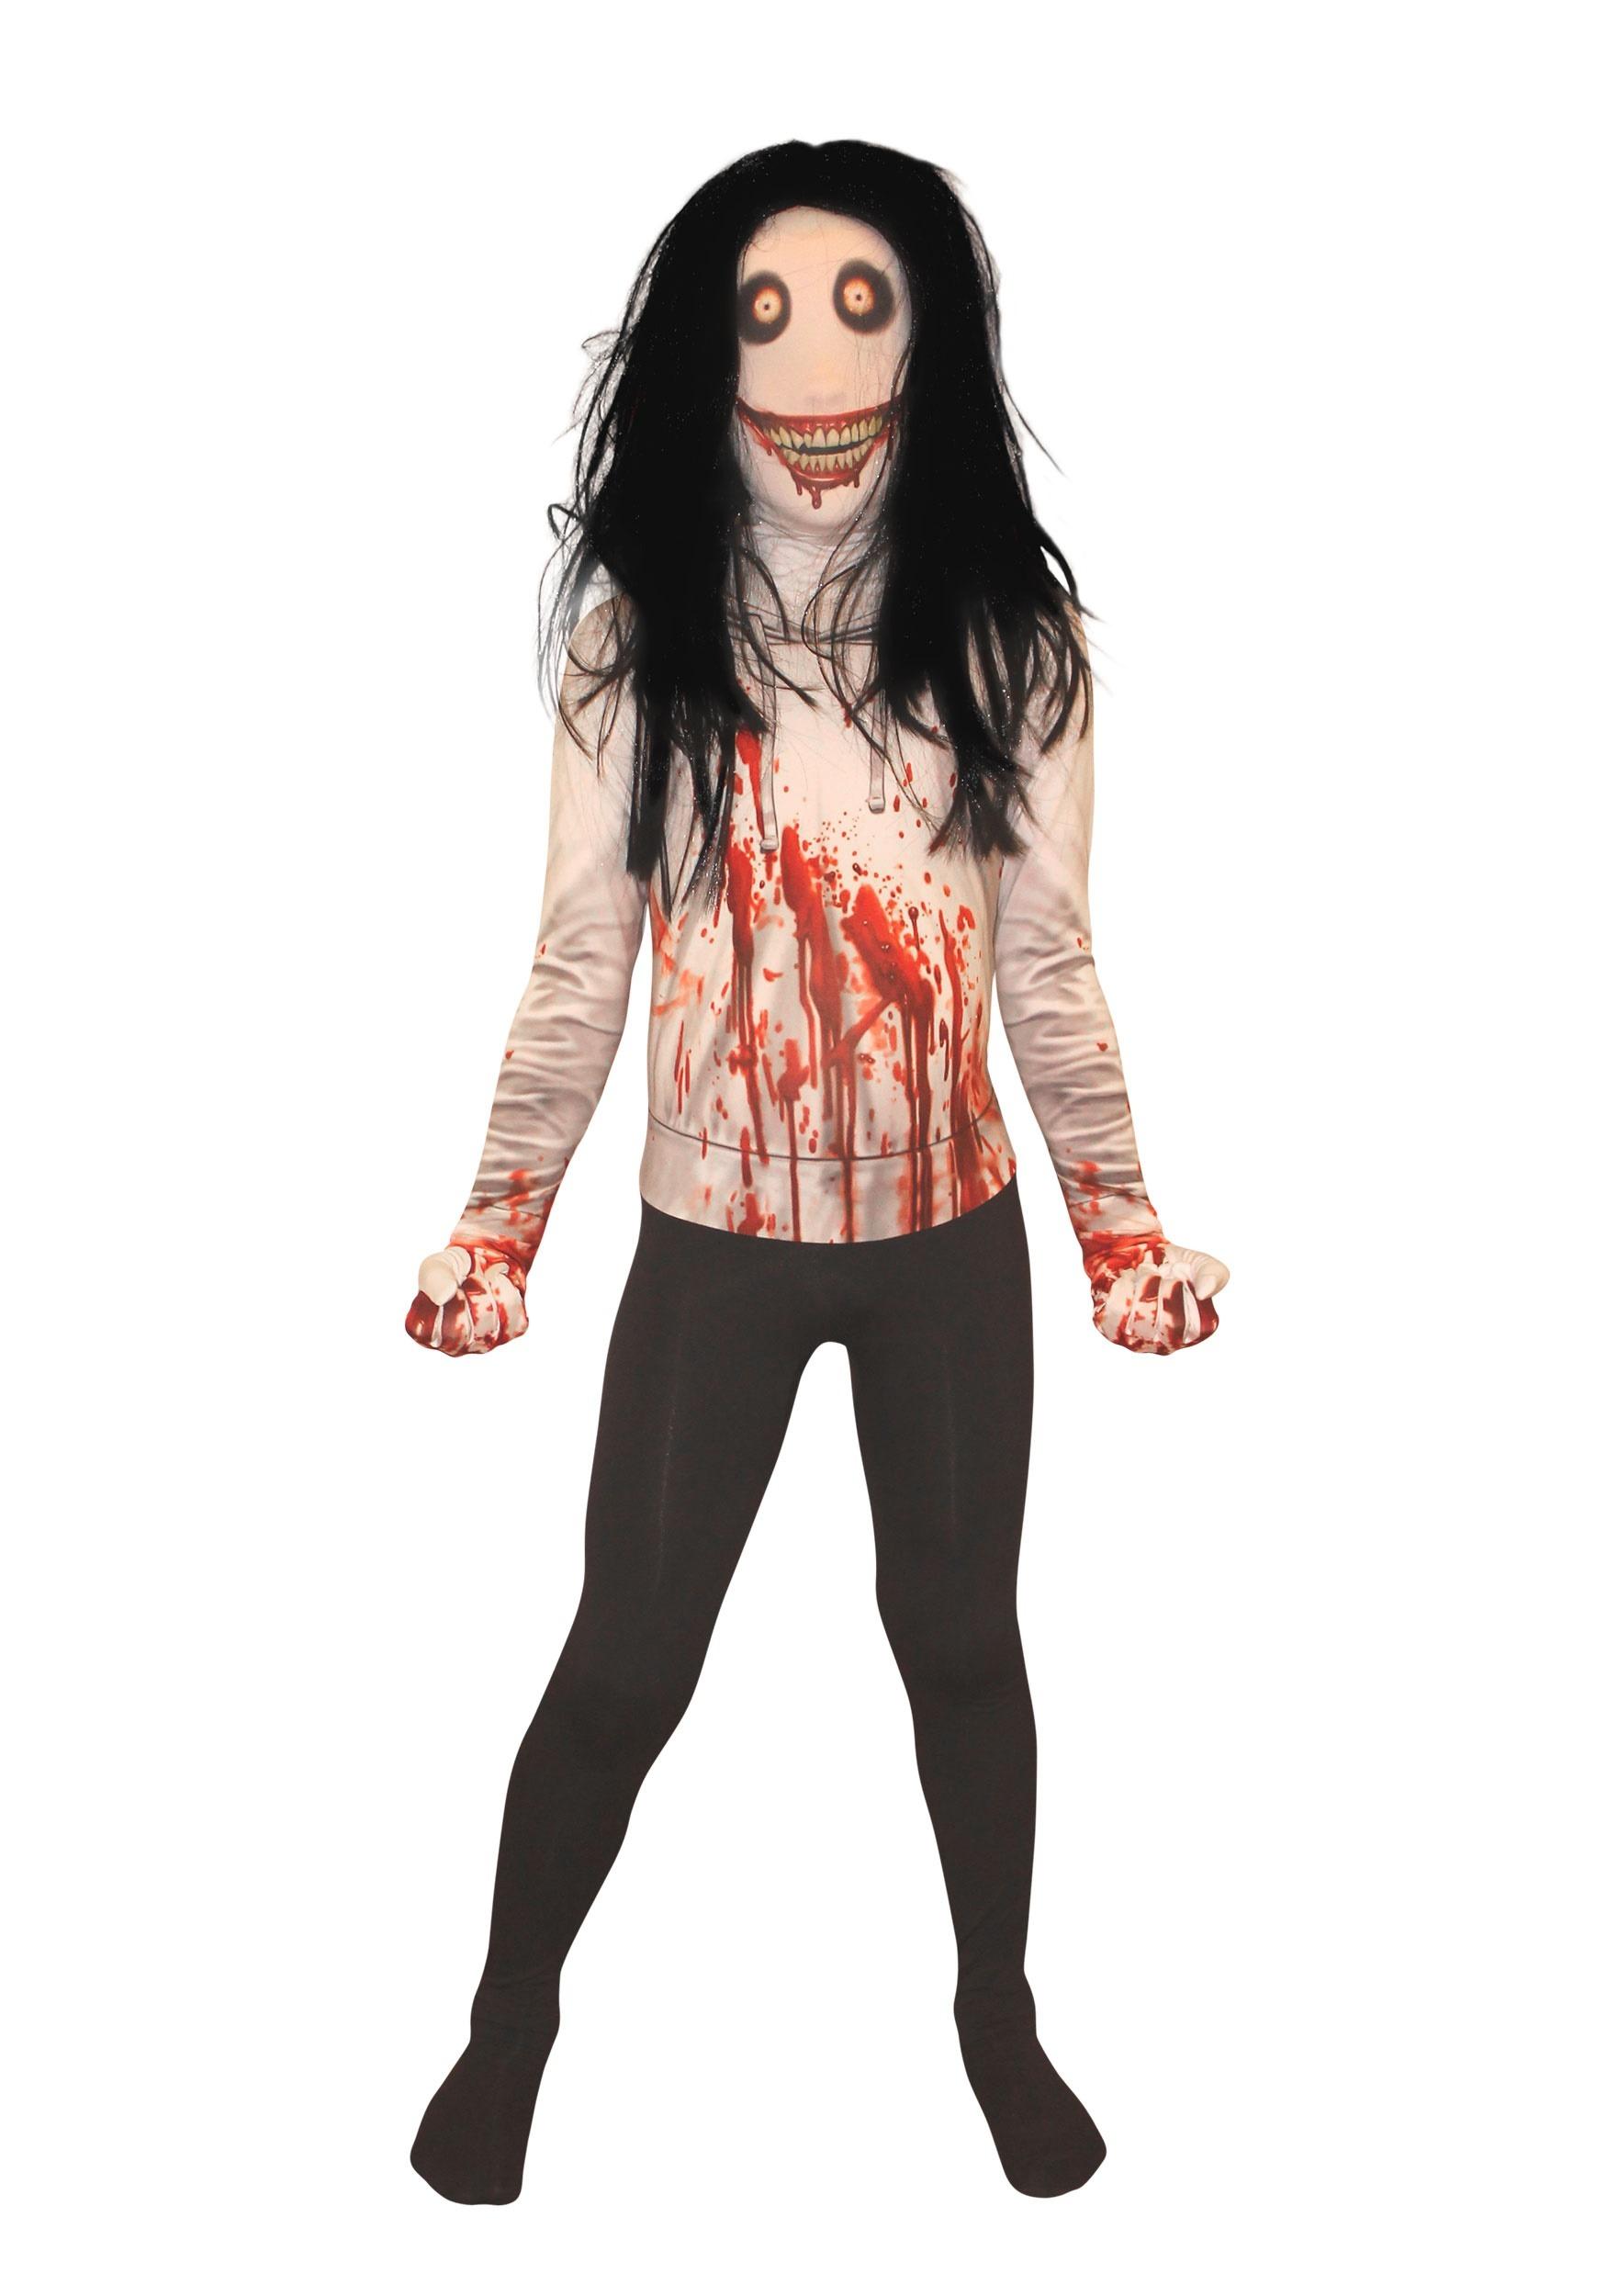 creepy killer morphsuit costume for kids